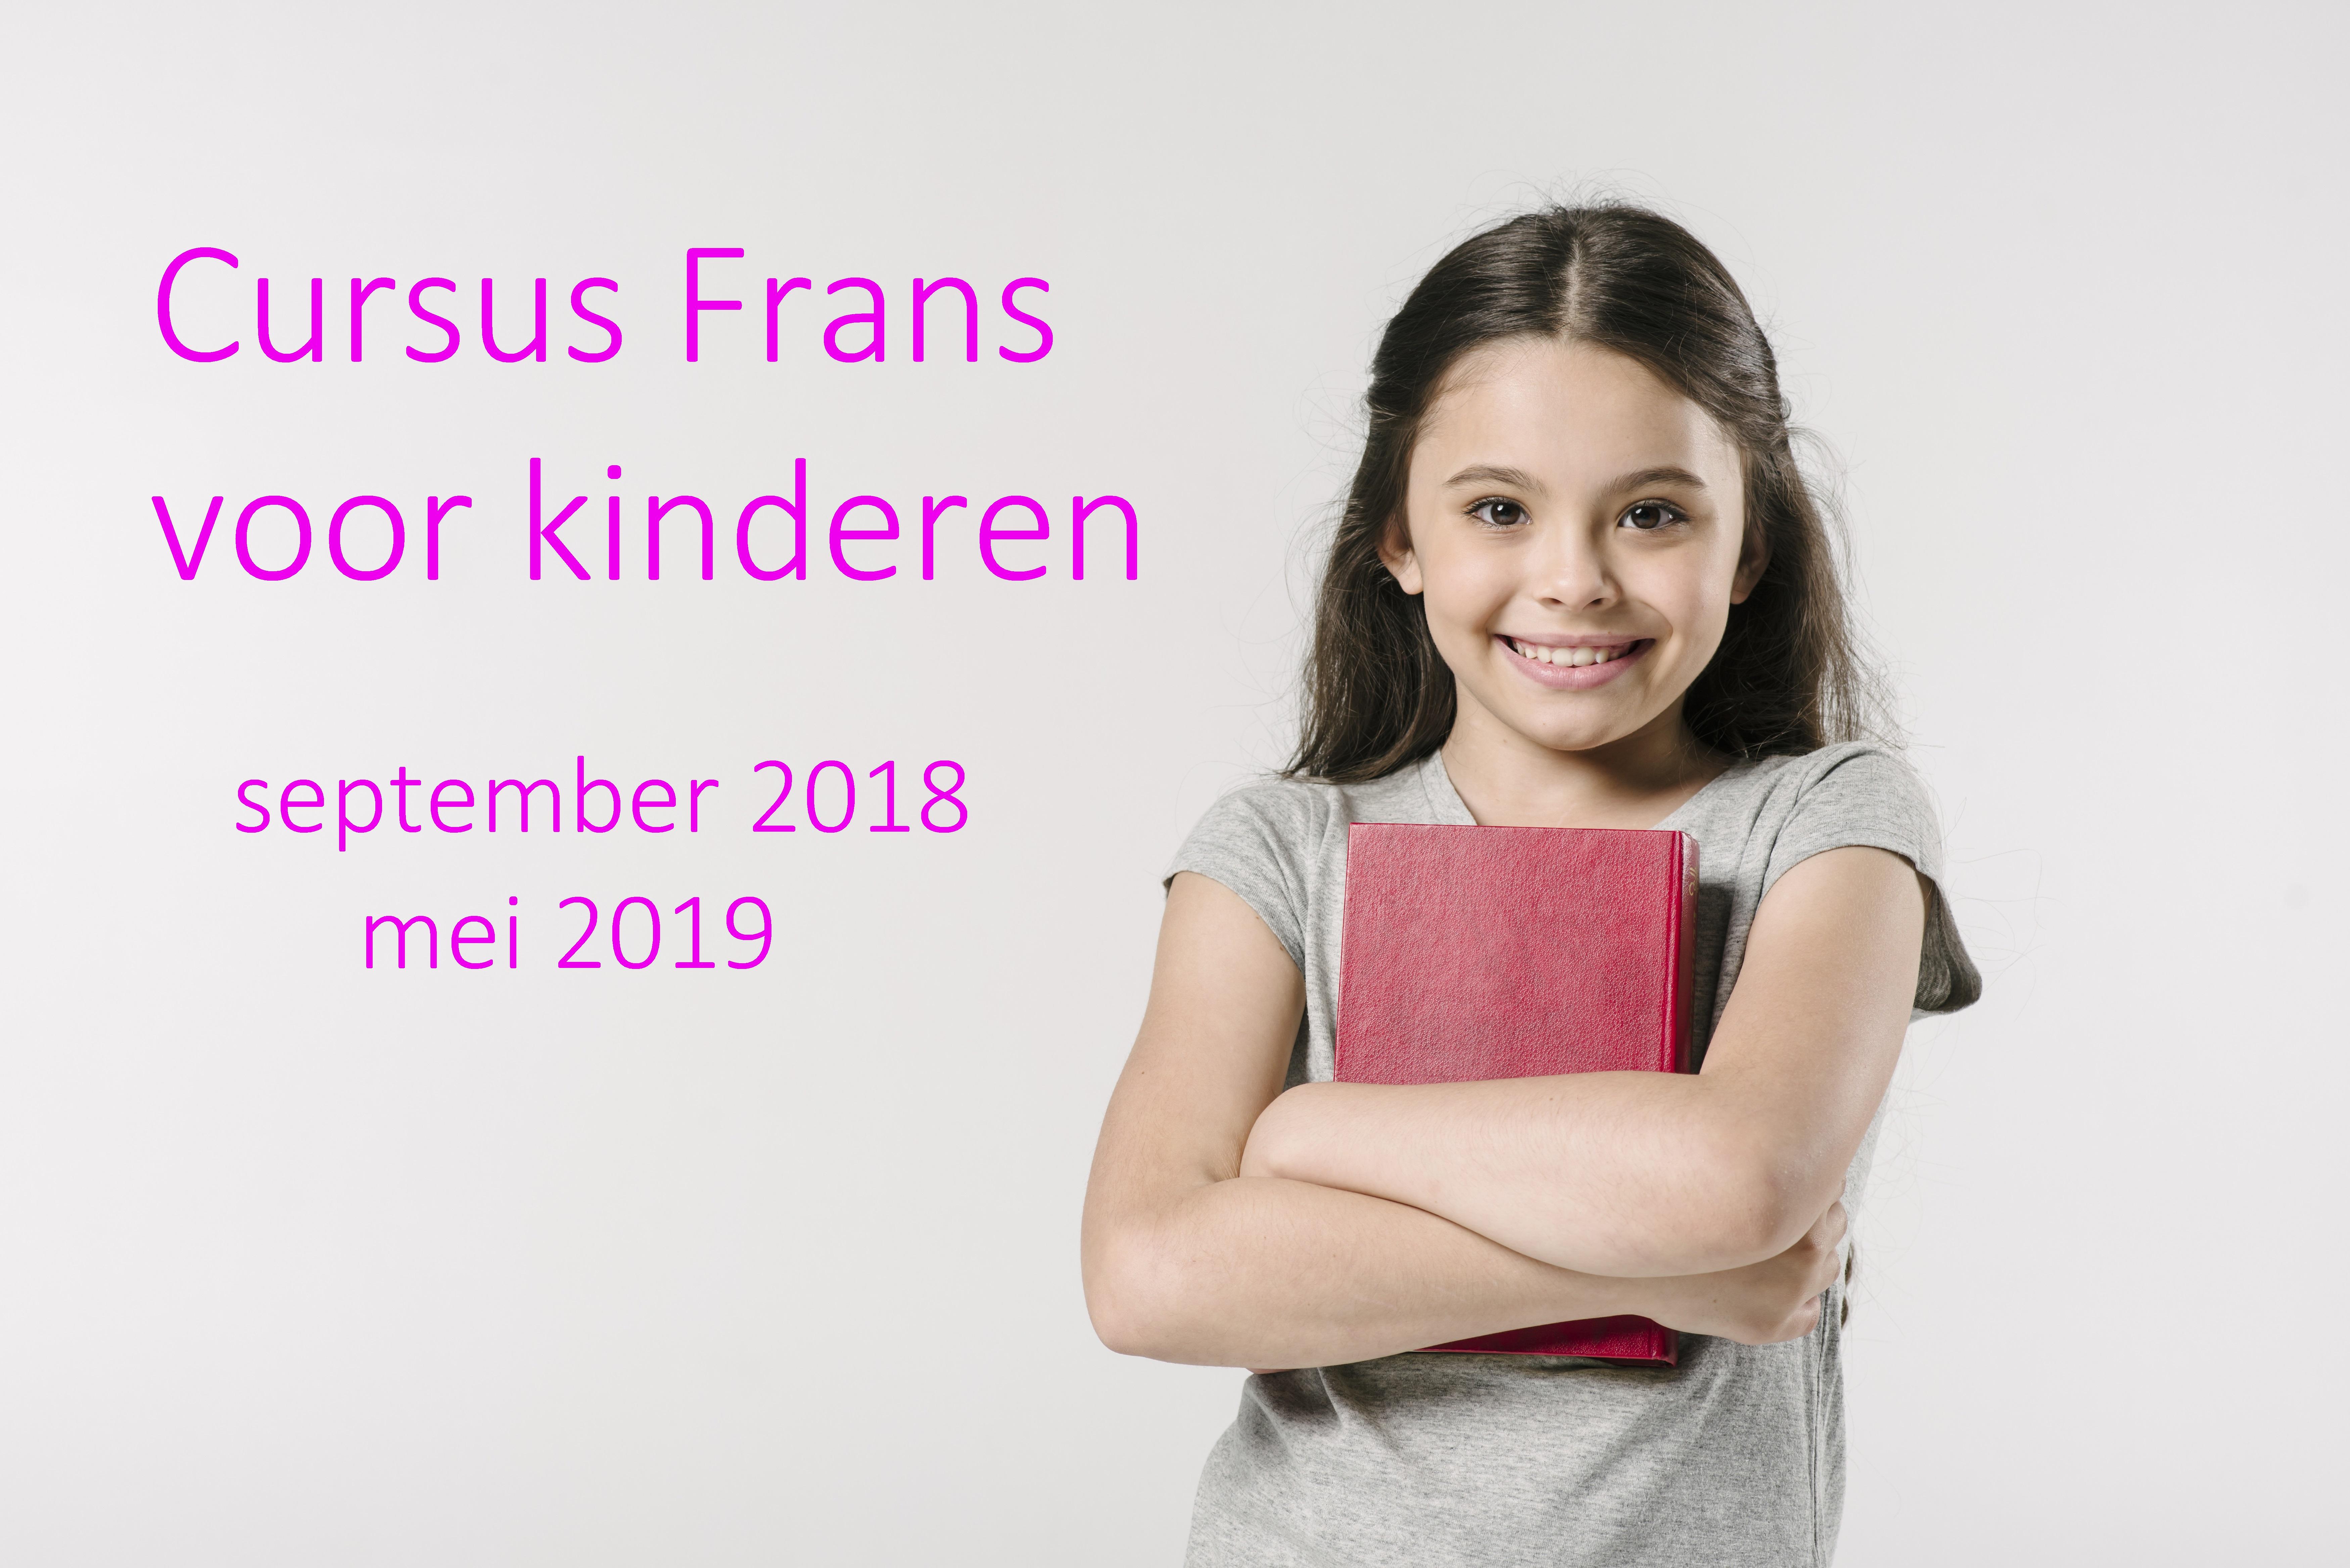 Cursus Frans voor kinderen